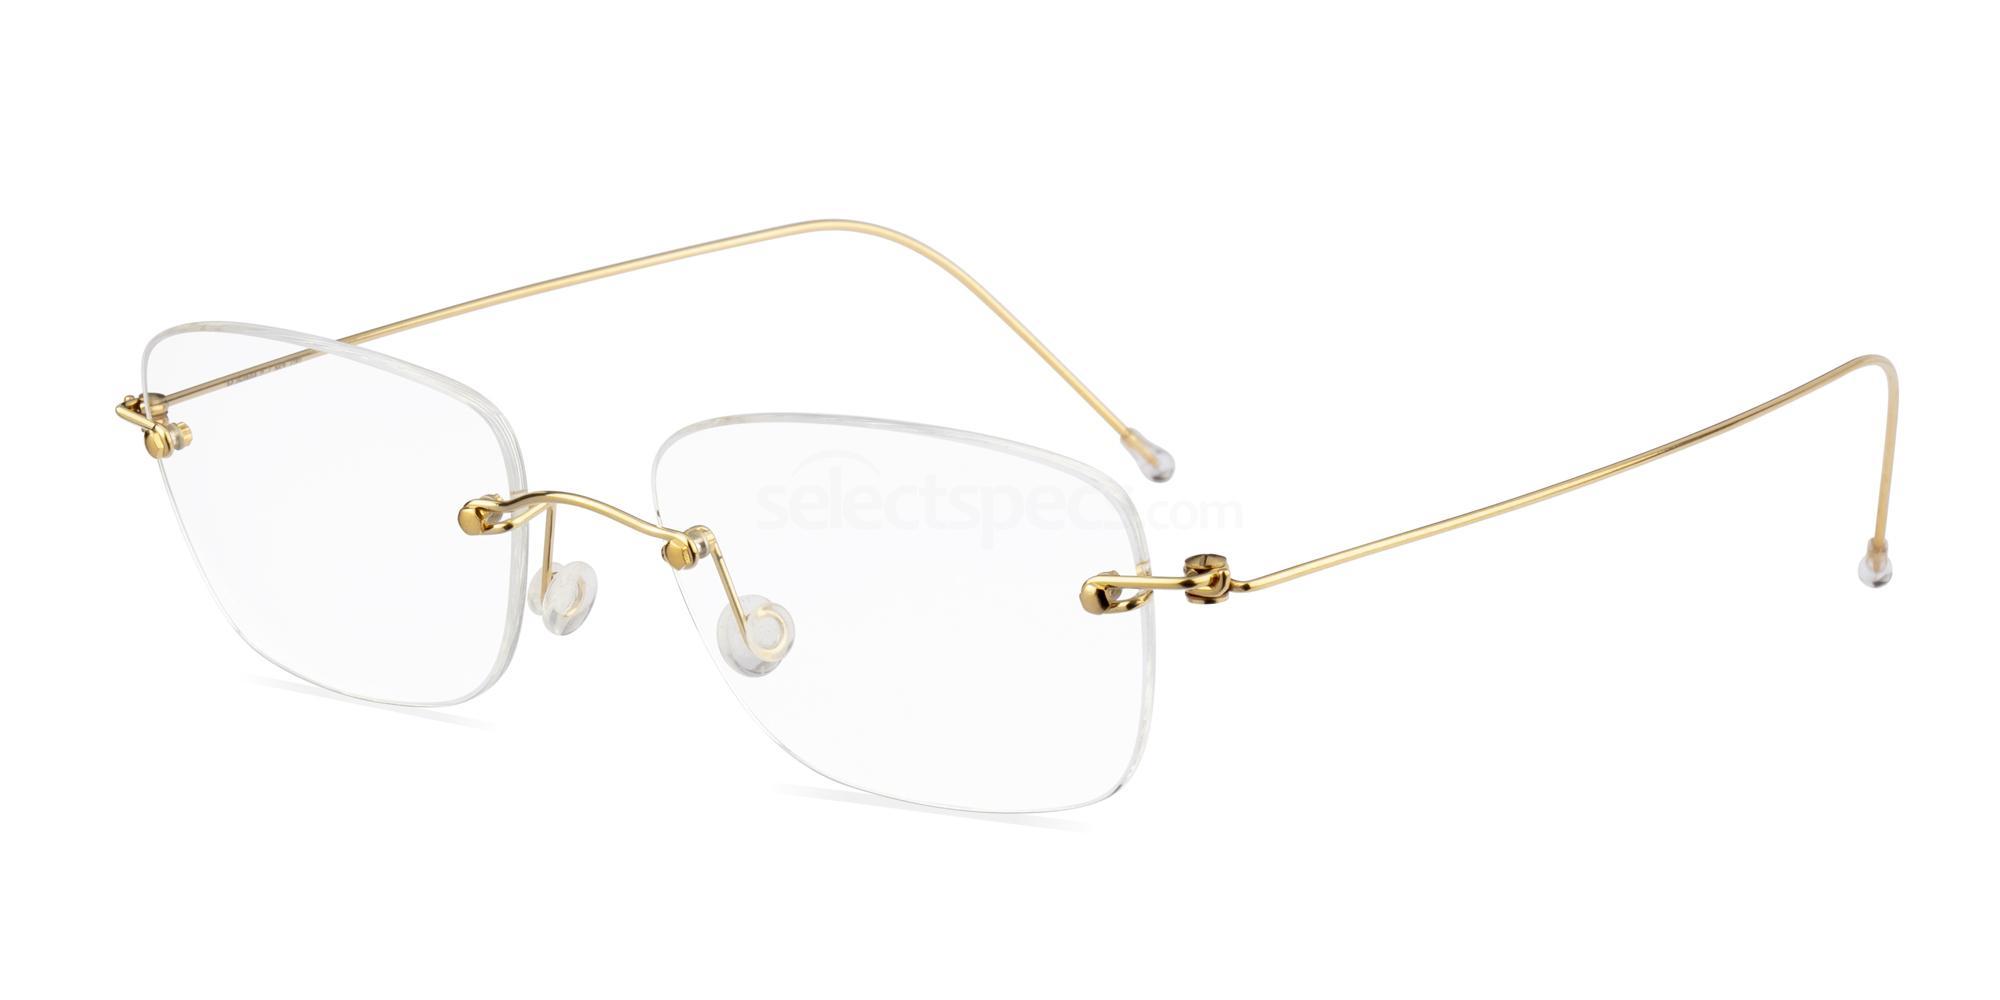 23 Minima-2 Gold - Invisibles Glasses, MINIMA